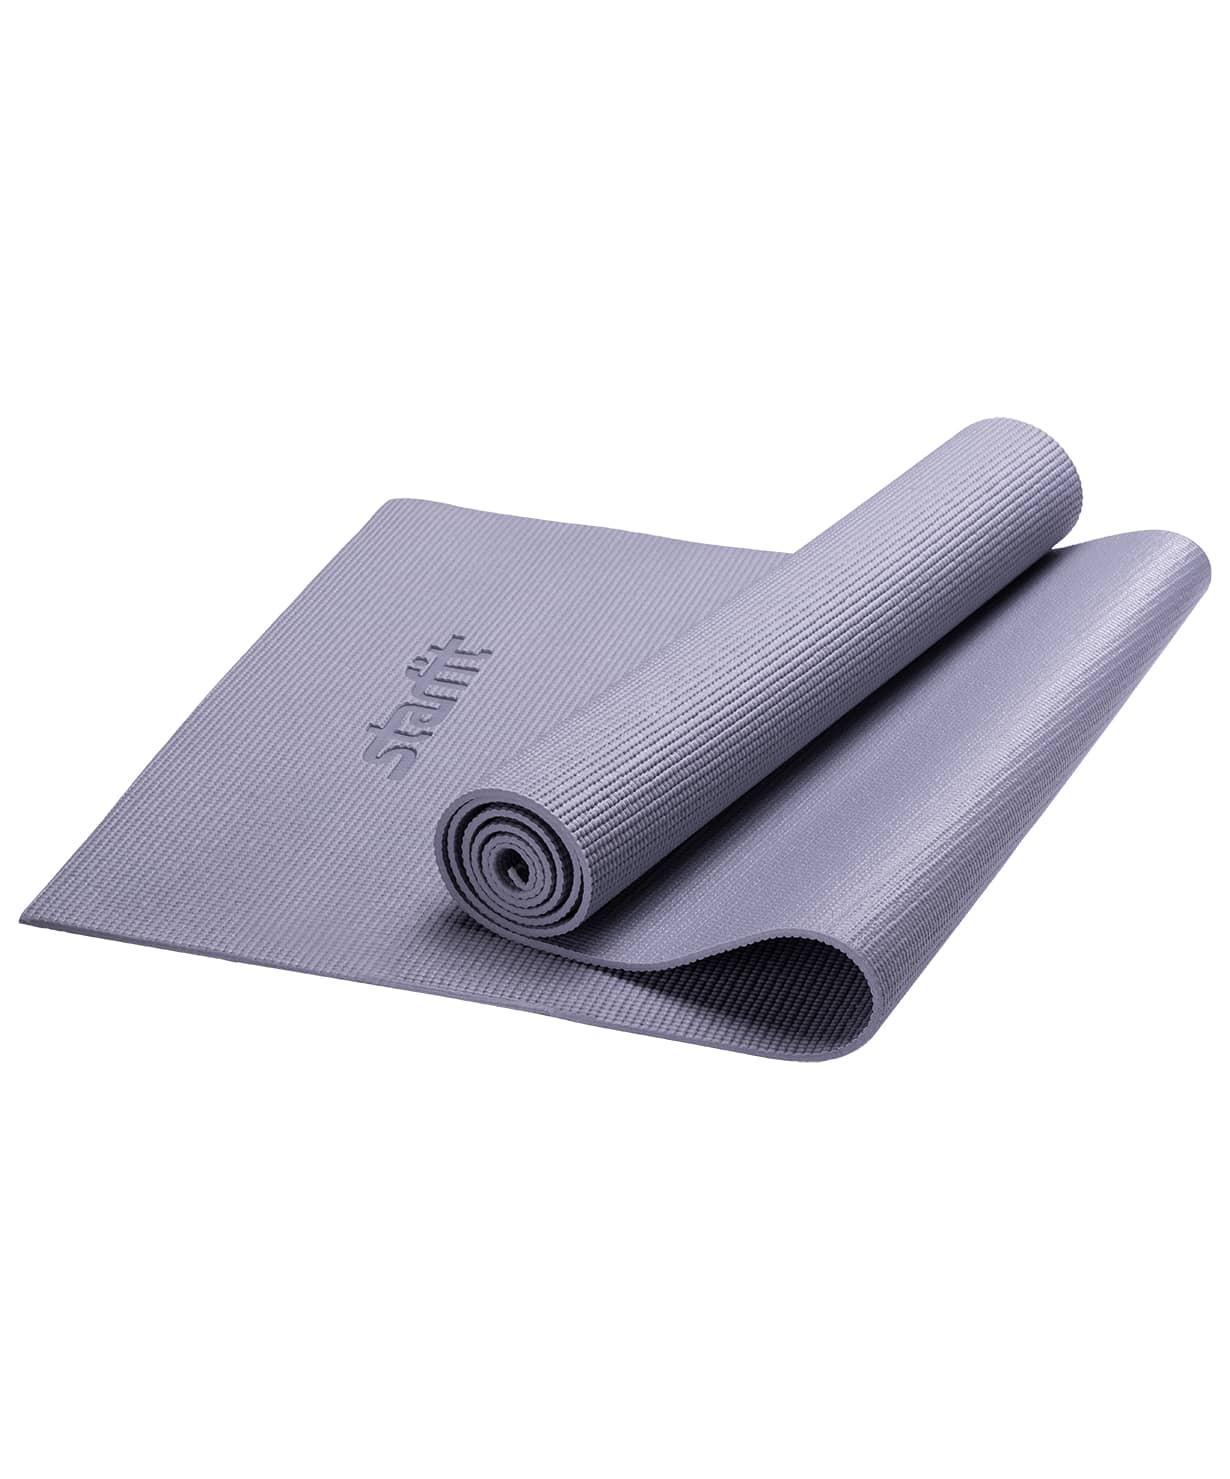 Коврик для йоги FM 101, PVC, 173x61x1,0 см (Серый)|Коврики для йоги| | АлиЭкспресс